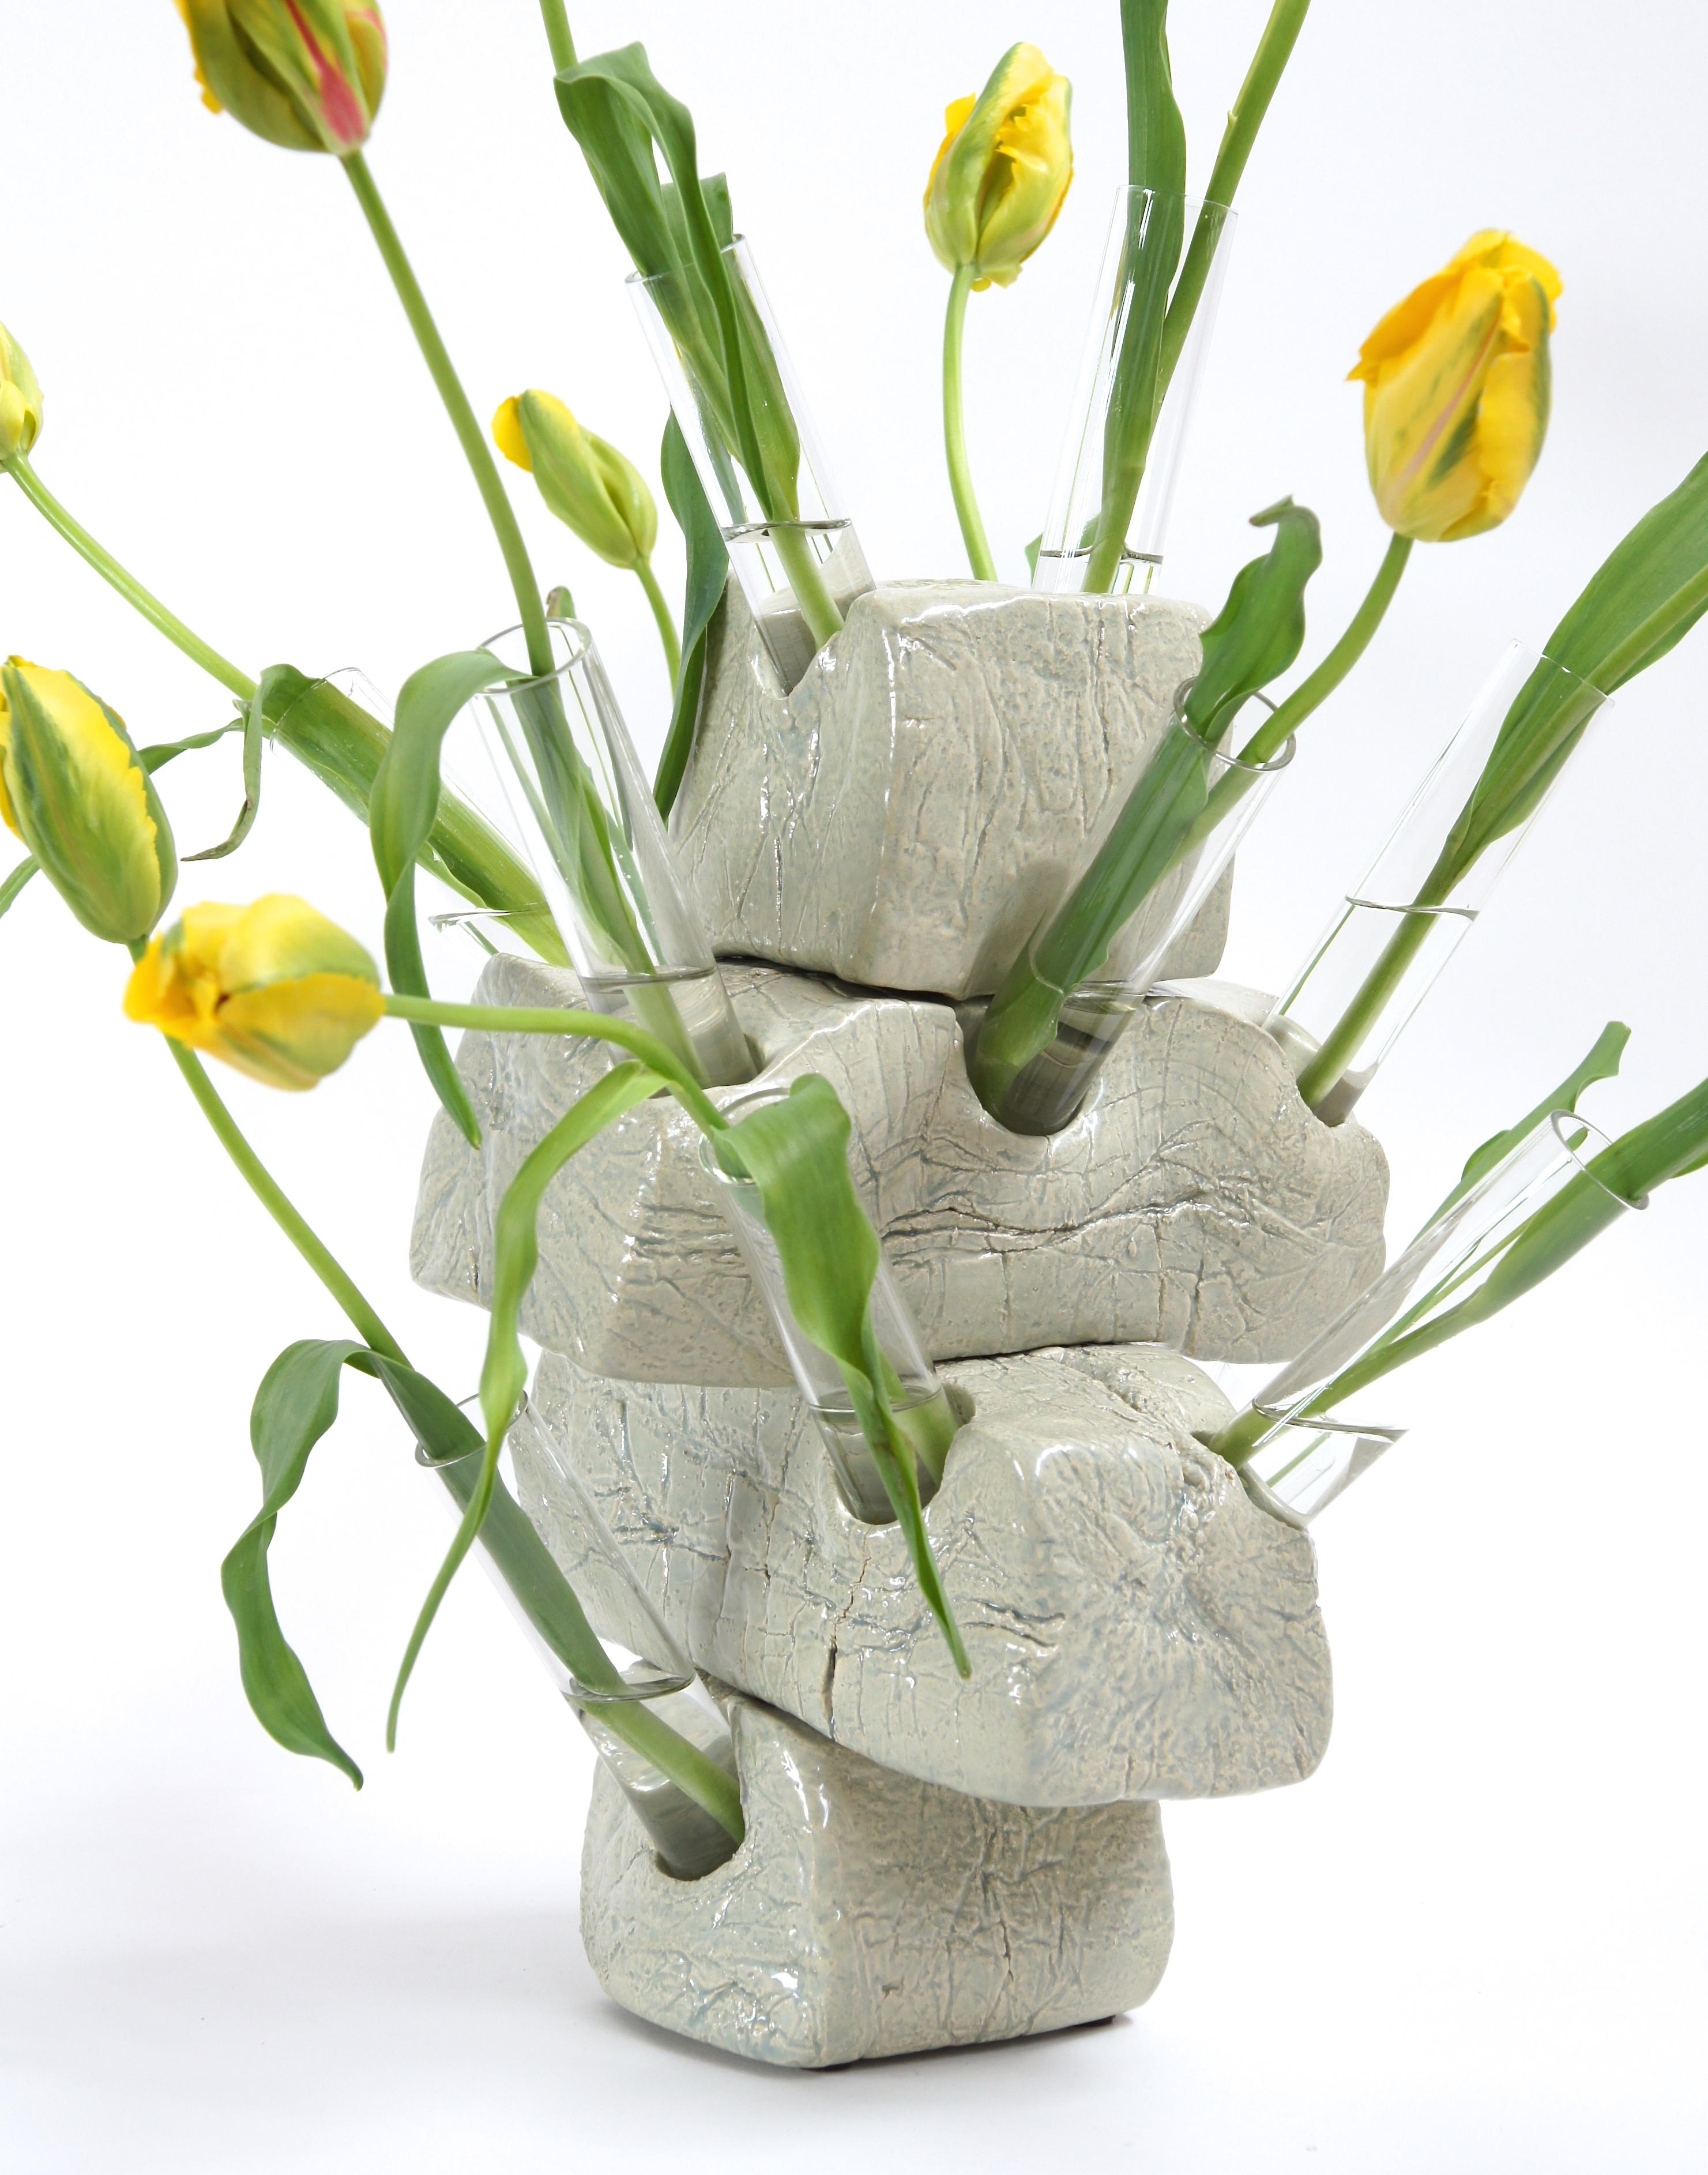 gestapelde 'bakstenen' met tulpenbollen als symbool voor speculatieve handel op de huizenmarkt